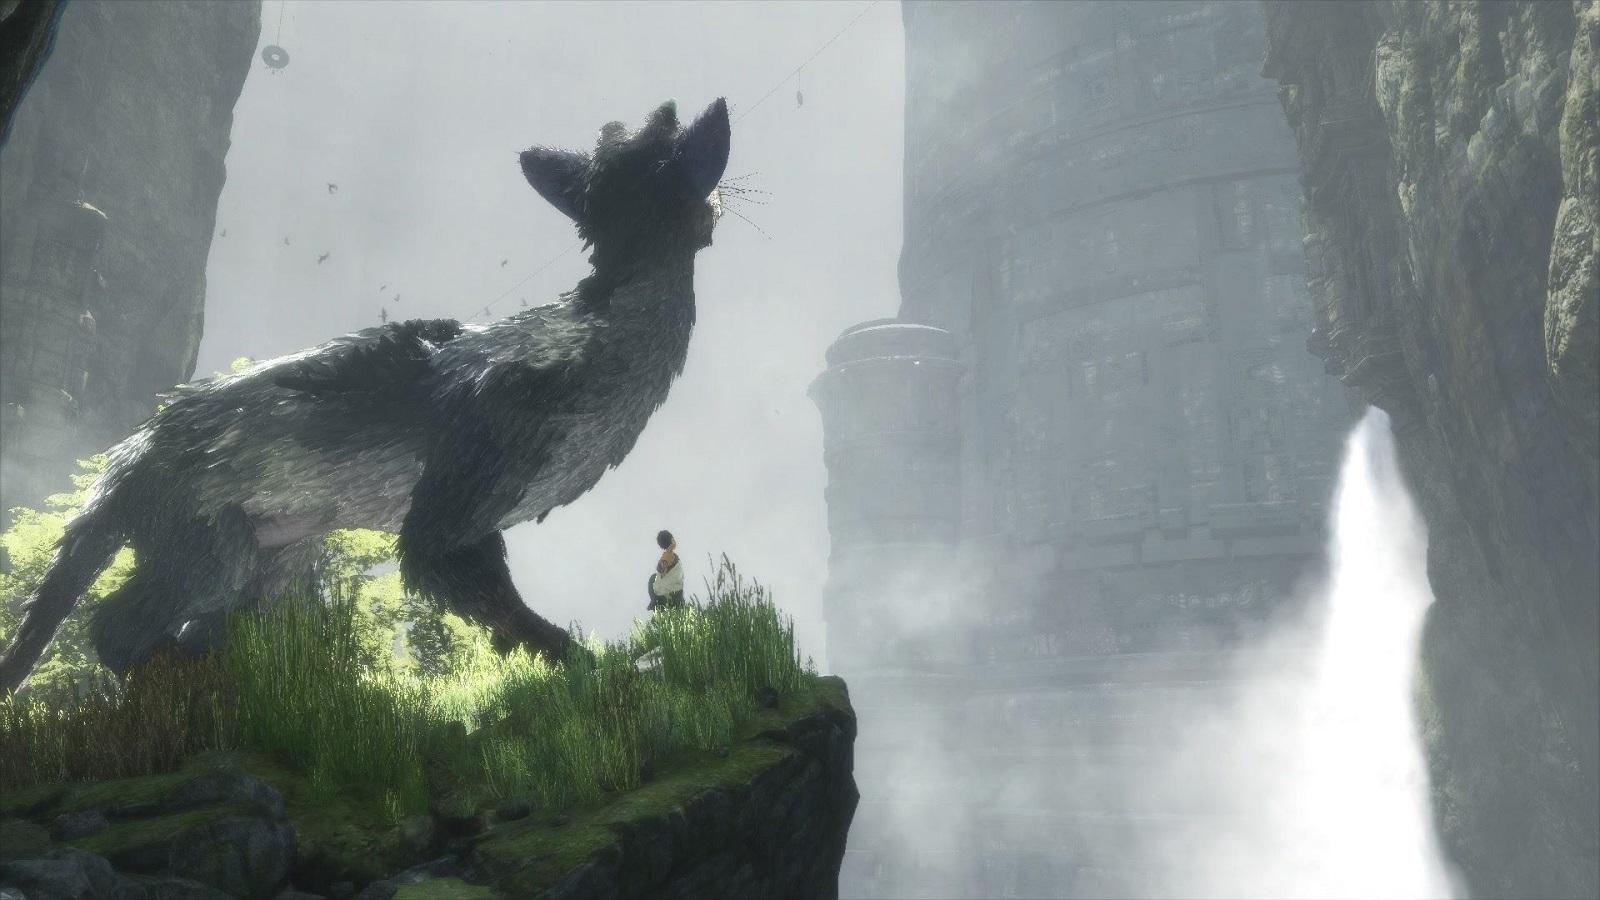 Студия-разработчик The Last Guardian опубликовала ещё один новогодний тизер своей новой игры